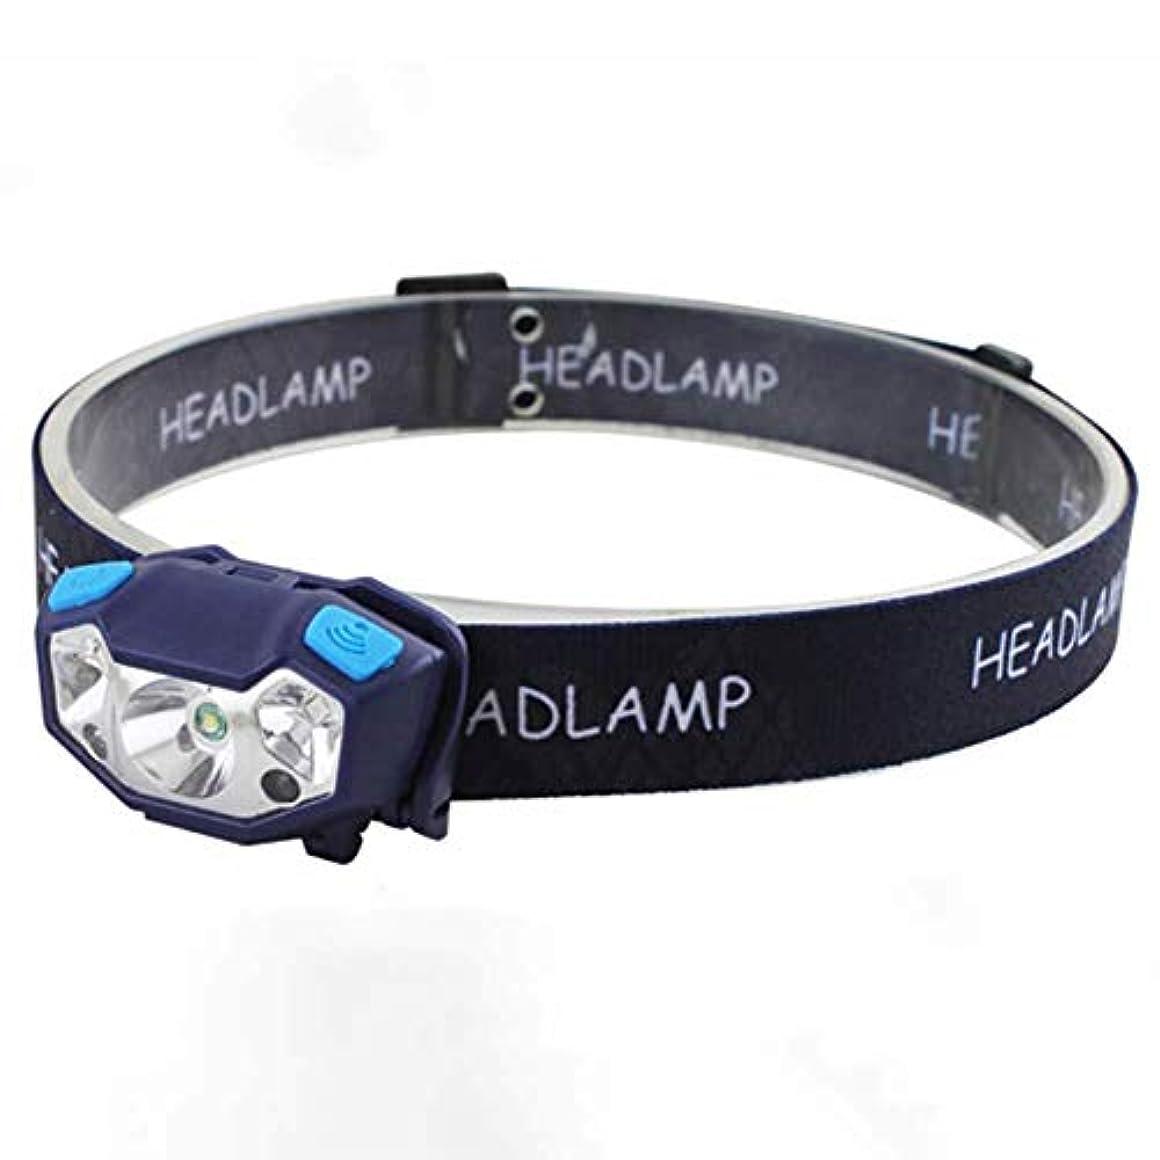 罰象広くRaiFu LEDヘッドライト ミニ USB充電式 LED ヘッドランプ 防水 センサー ランプ 屋外 キャンプ 懐中電灯